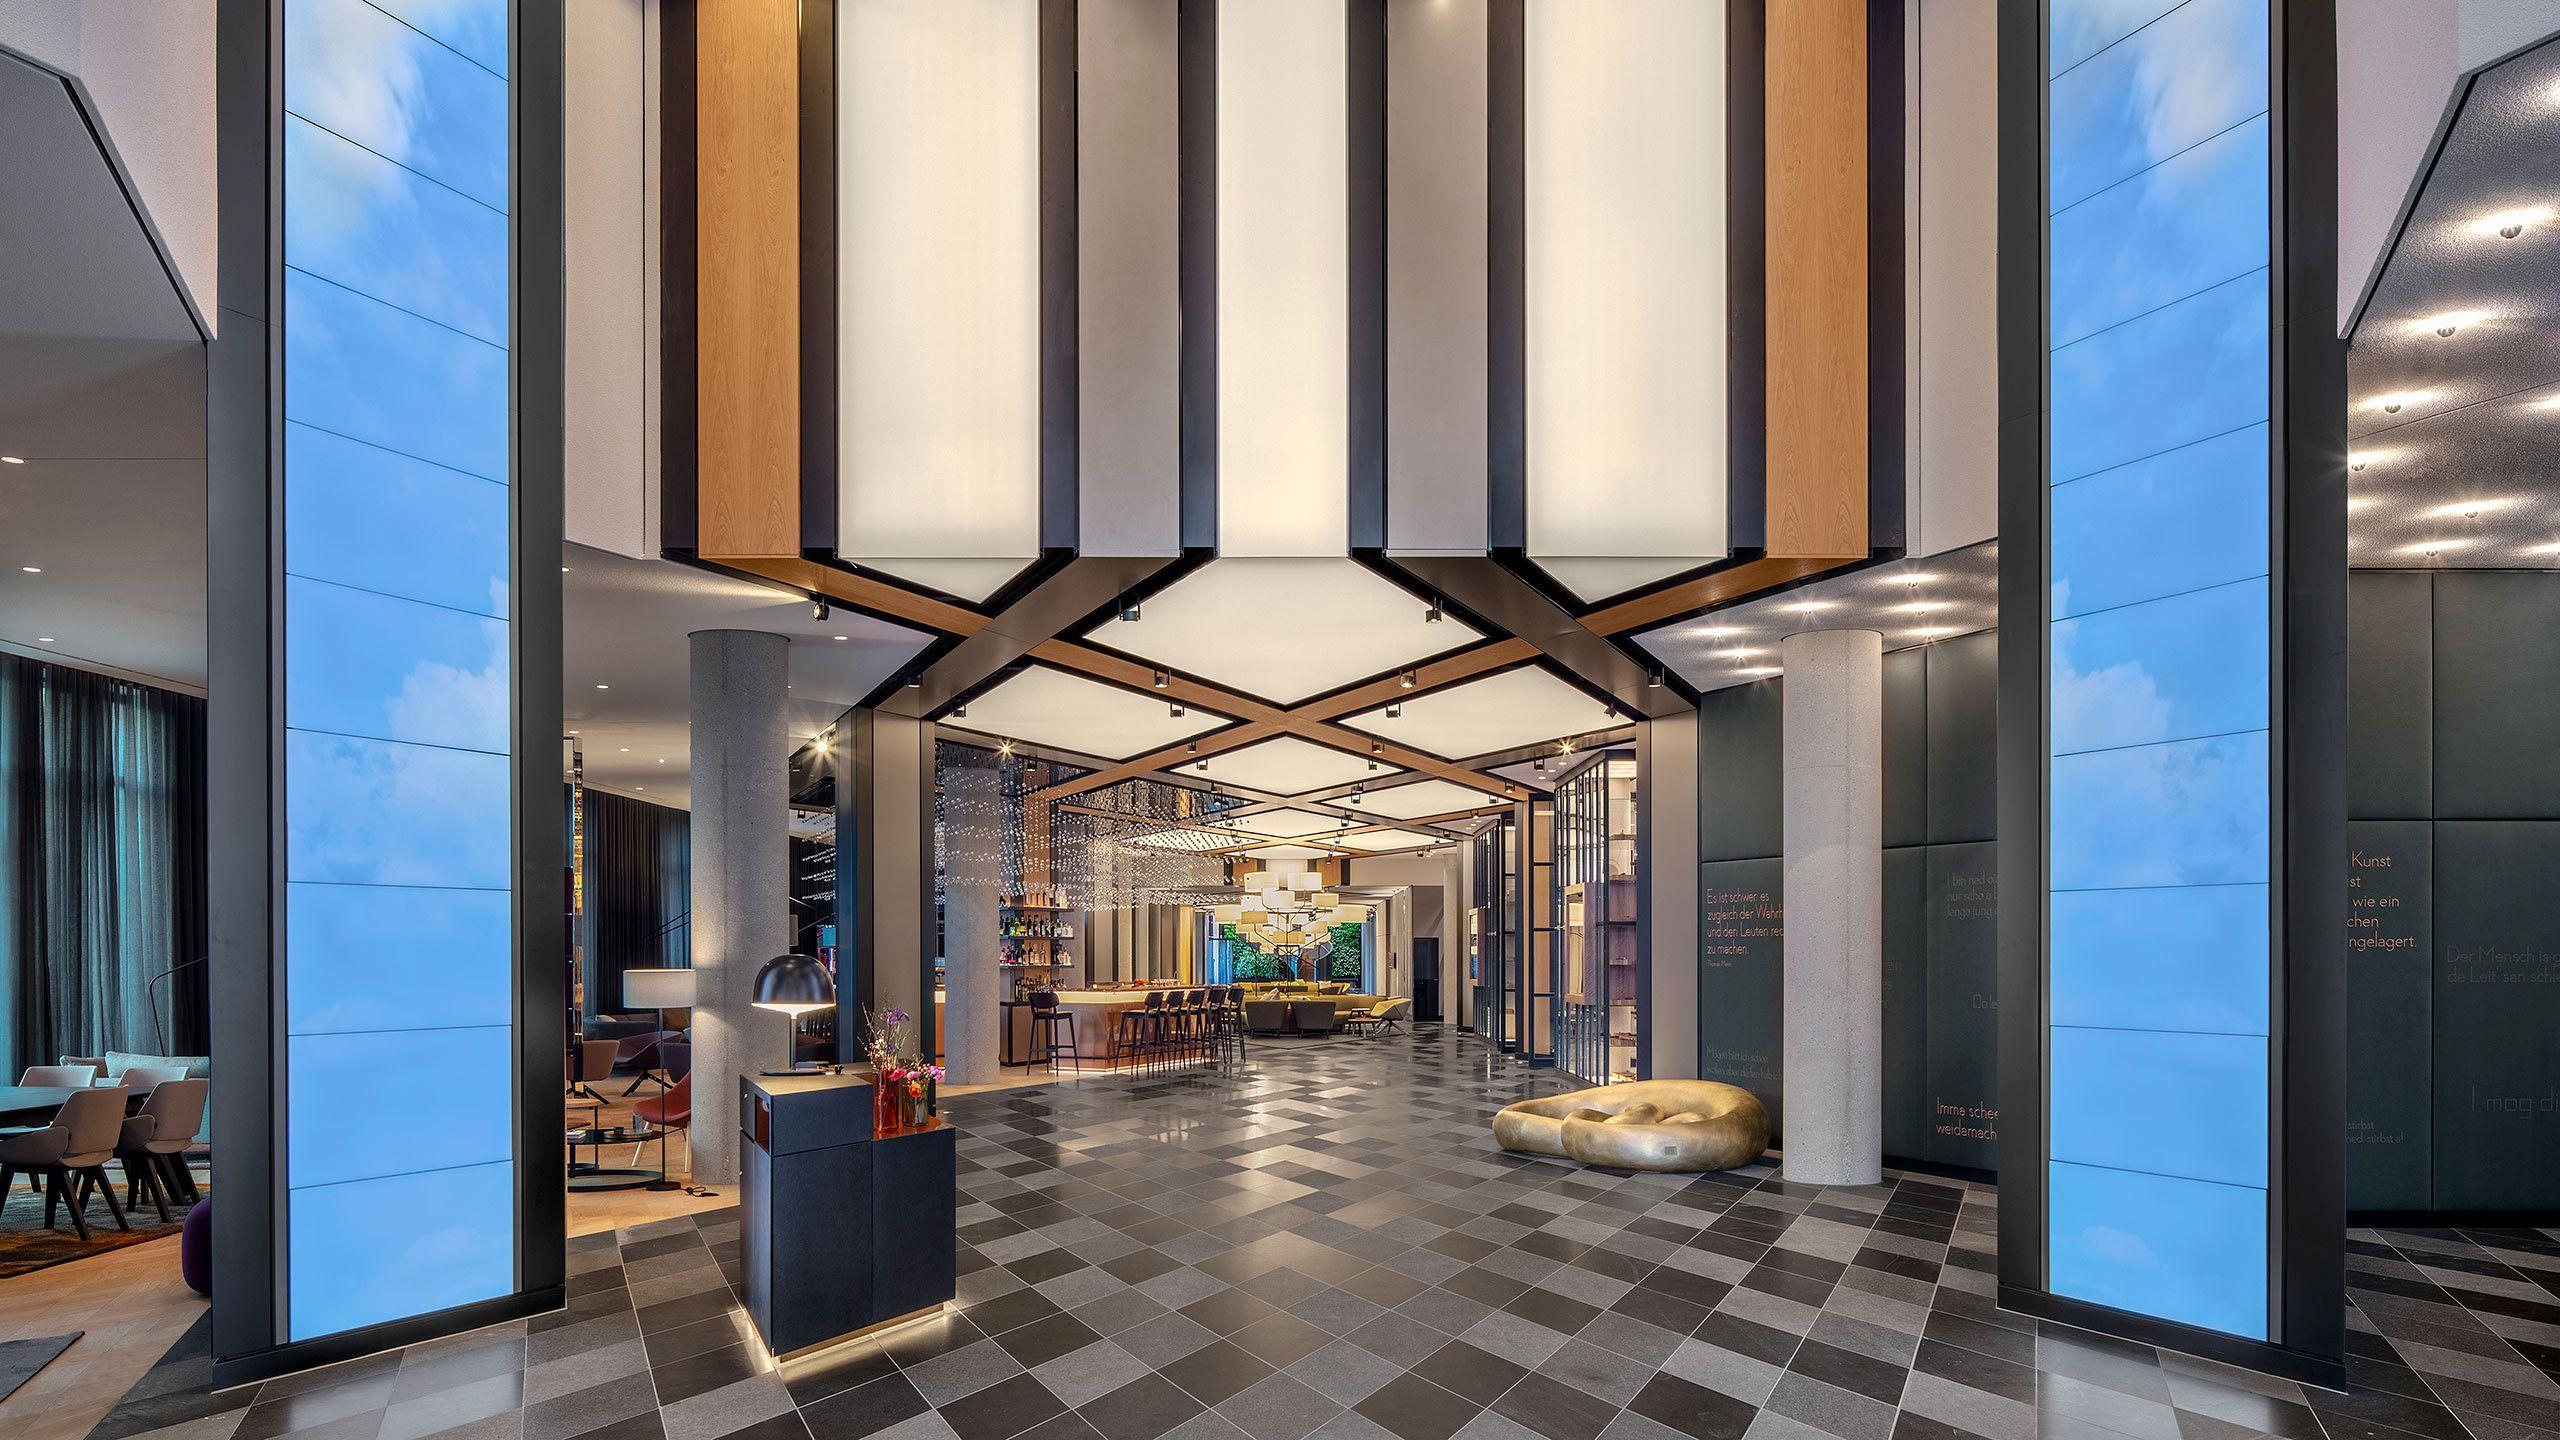 Andaz酒店